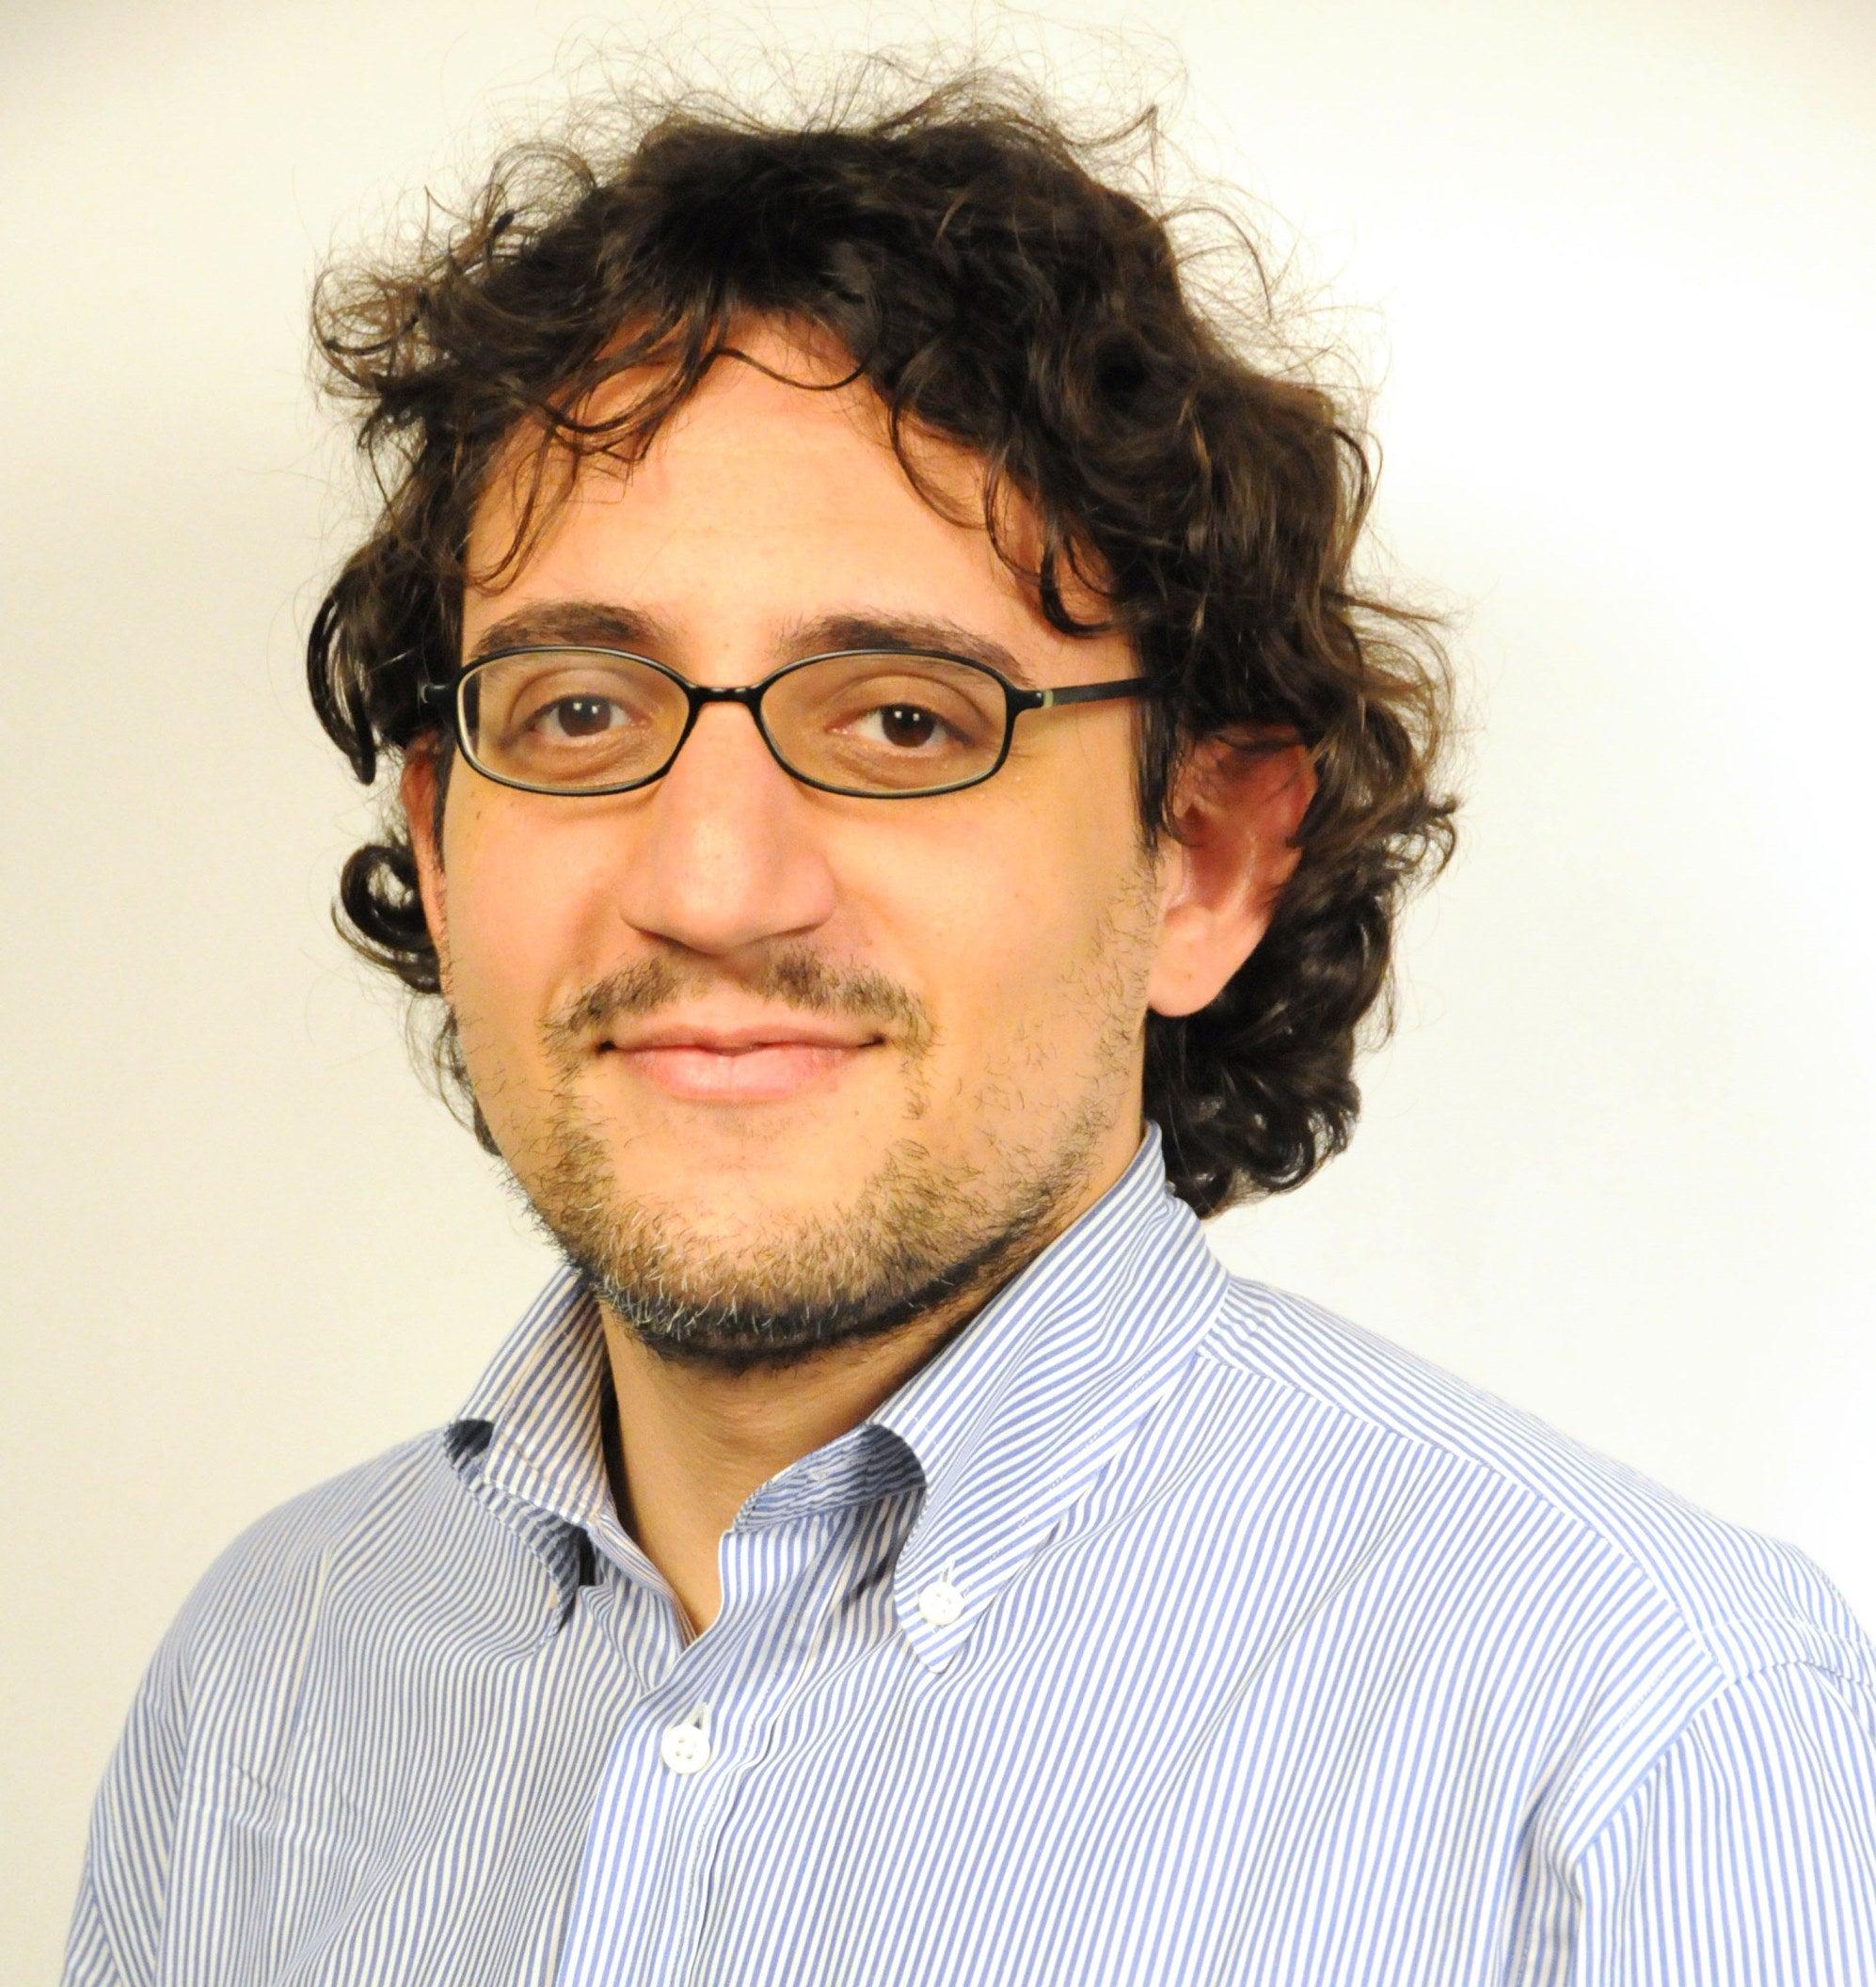 Carmine Paolo De Salvo